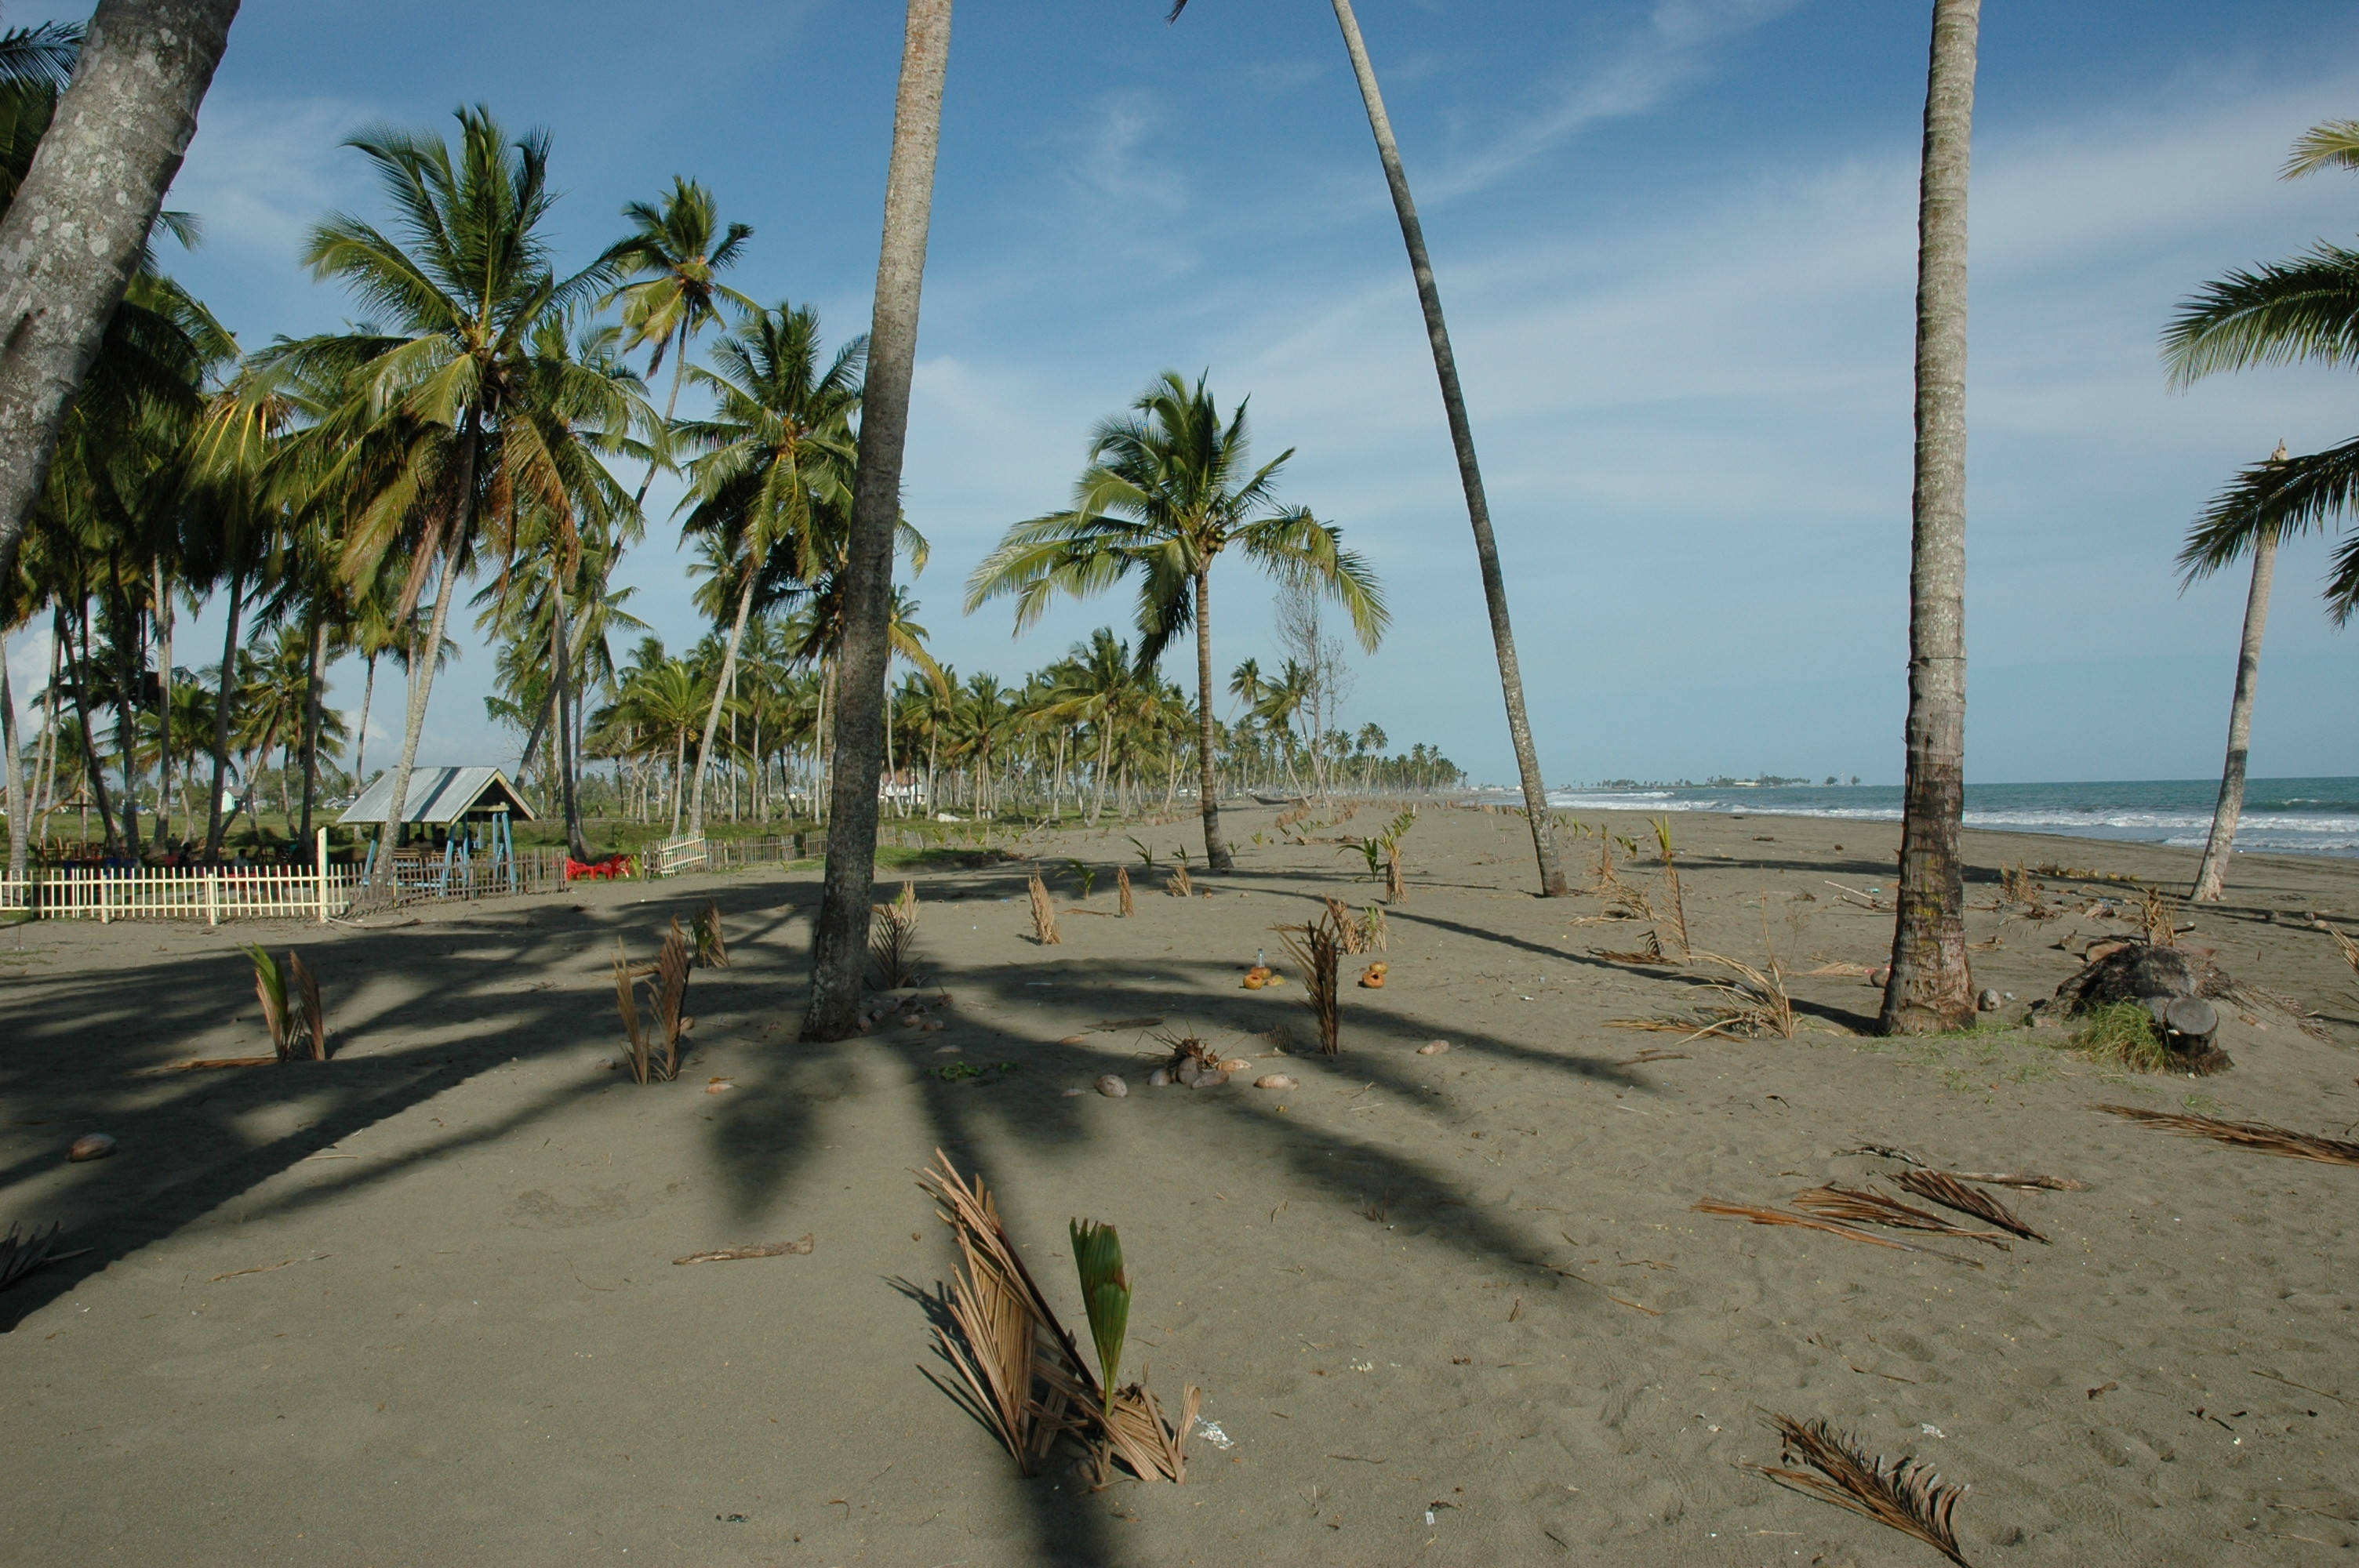 Pantai Batu Putih - Tempat Wisata Keren di Aceh Barat